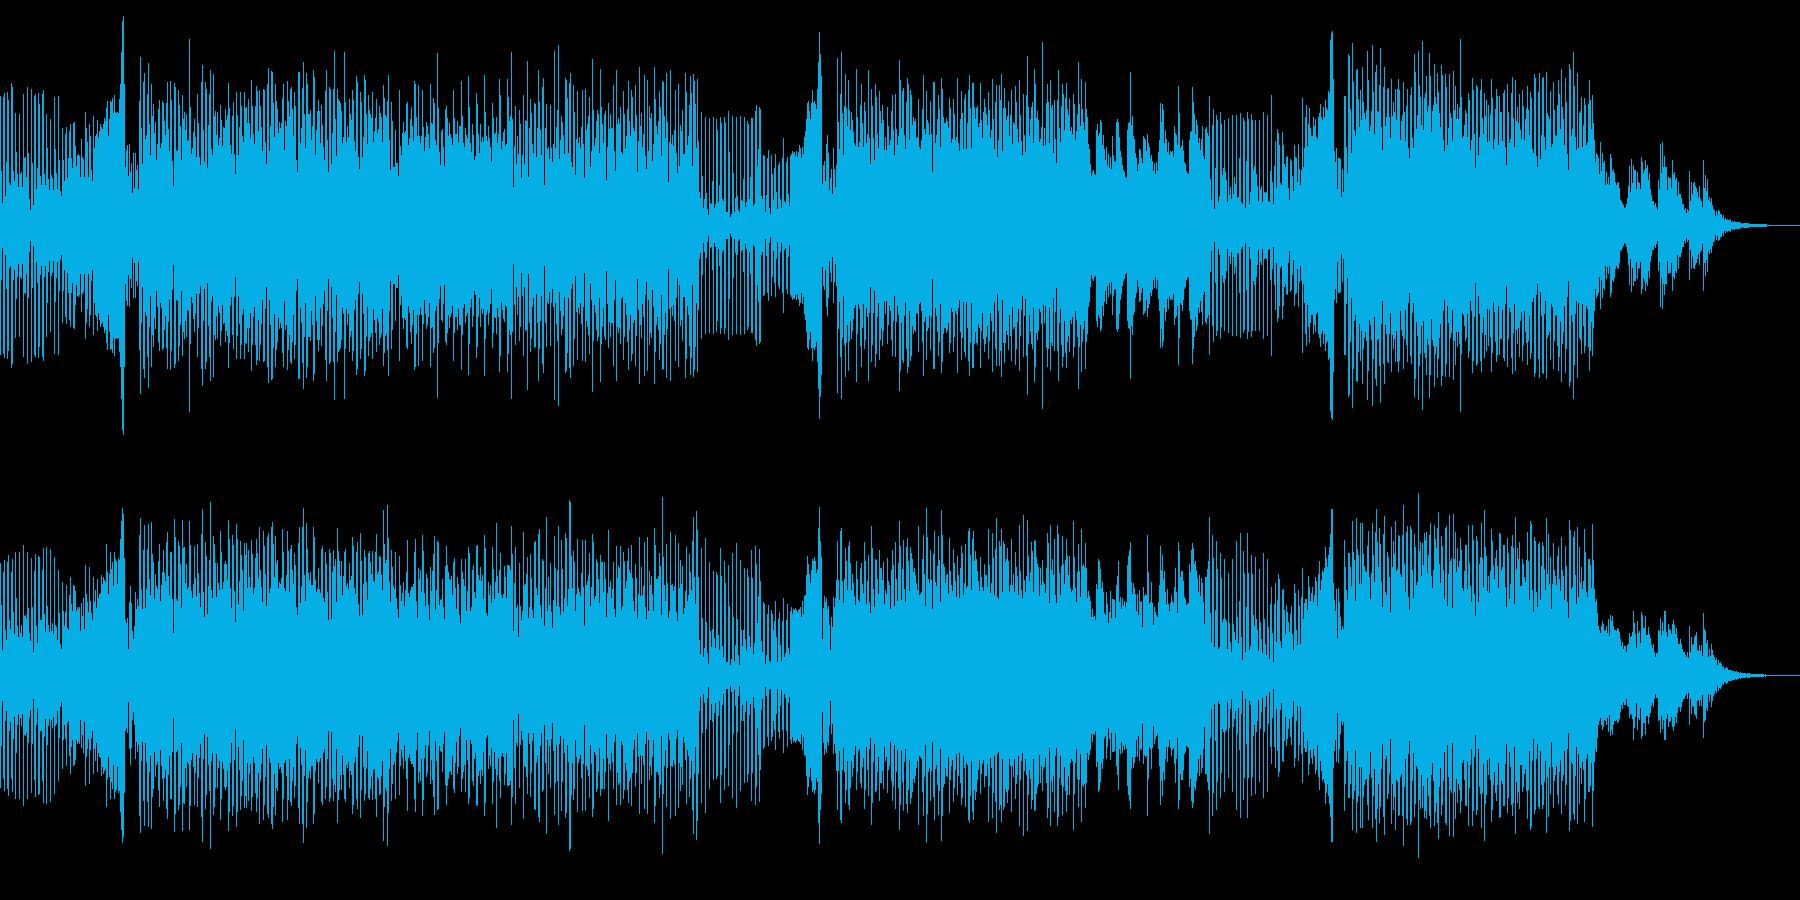 軽快でクールなハウスミュージックの再生済みの波形